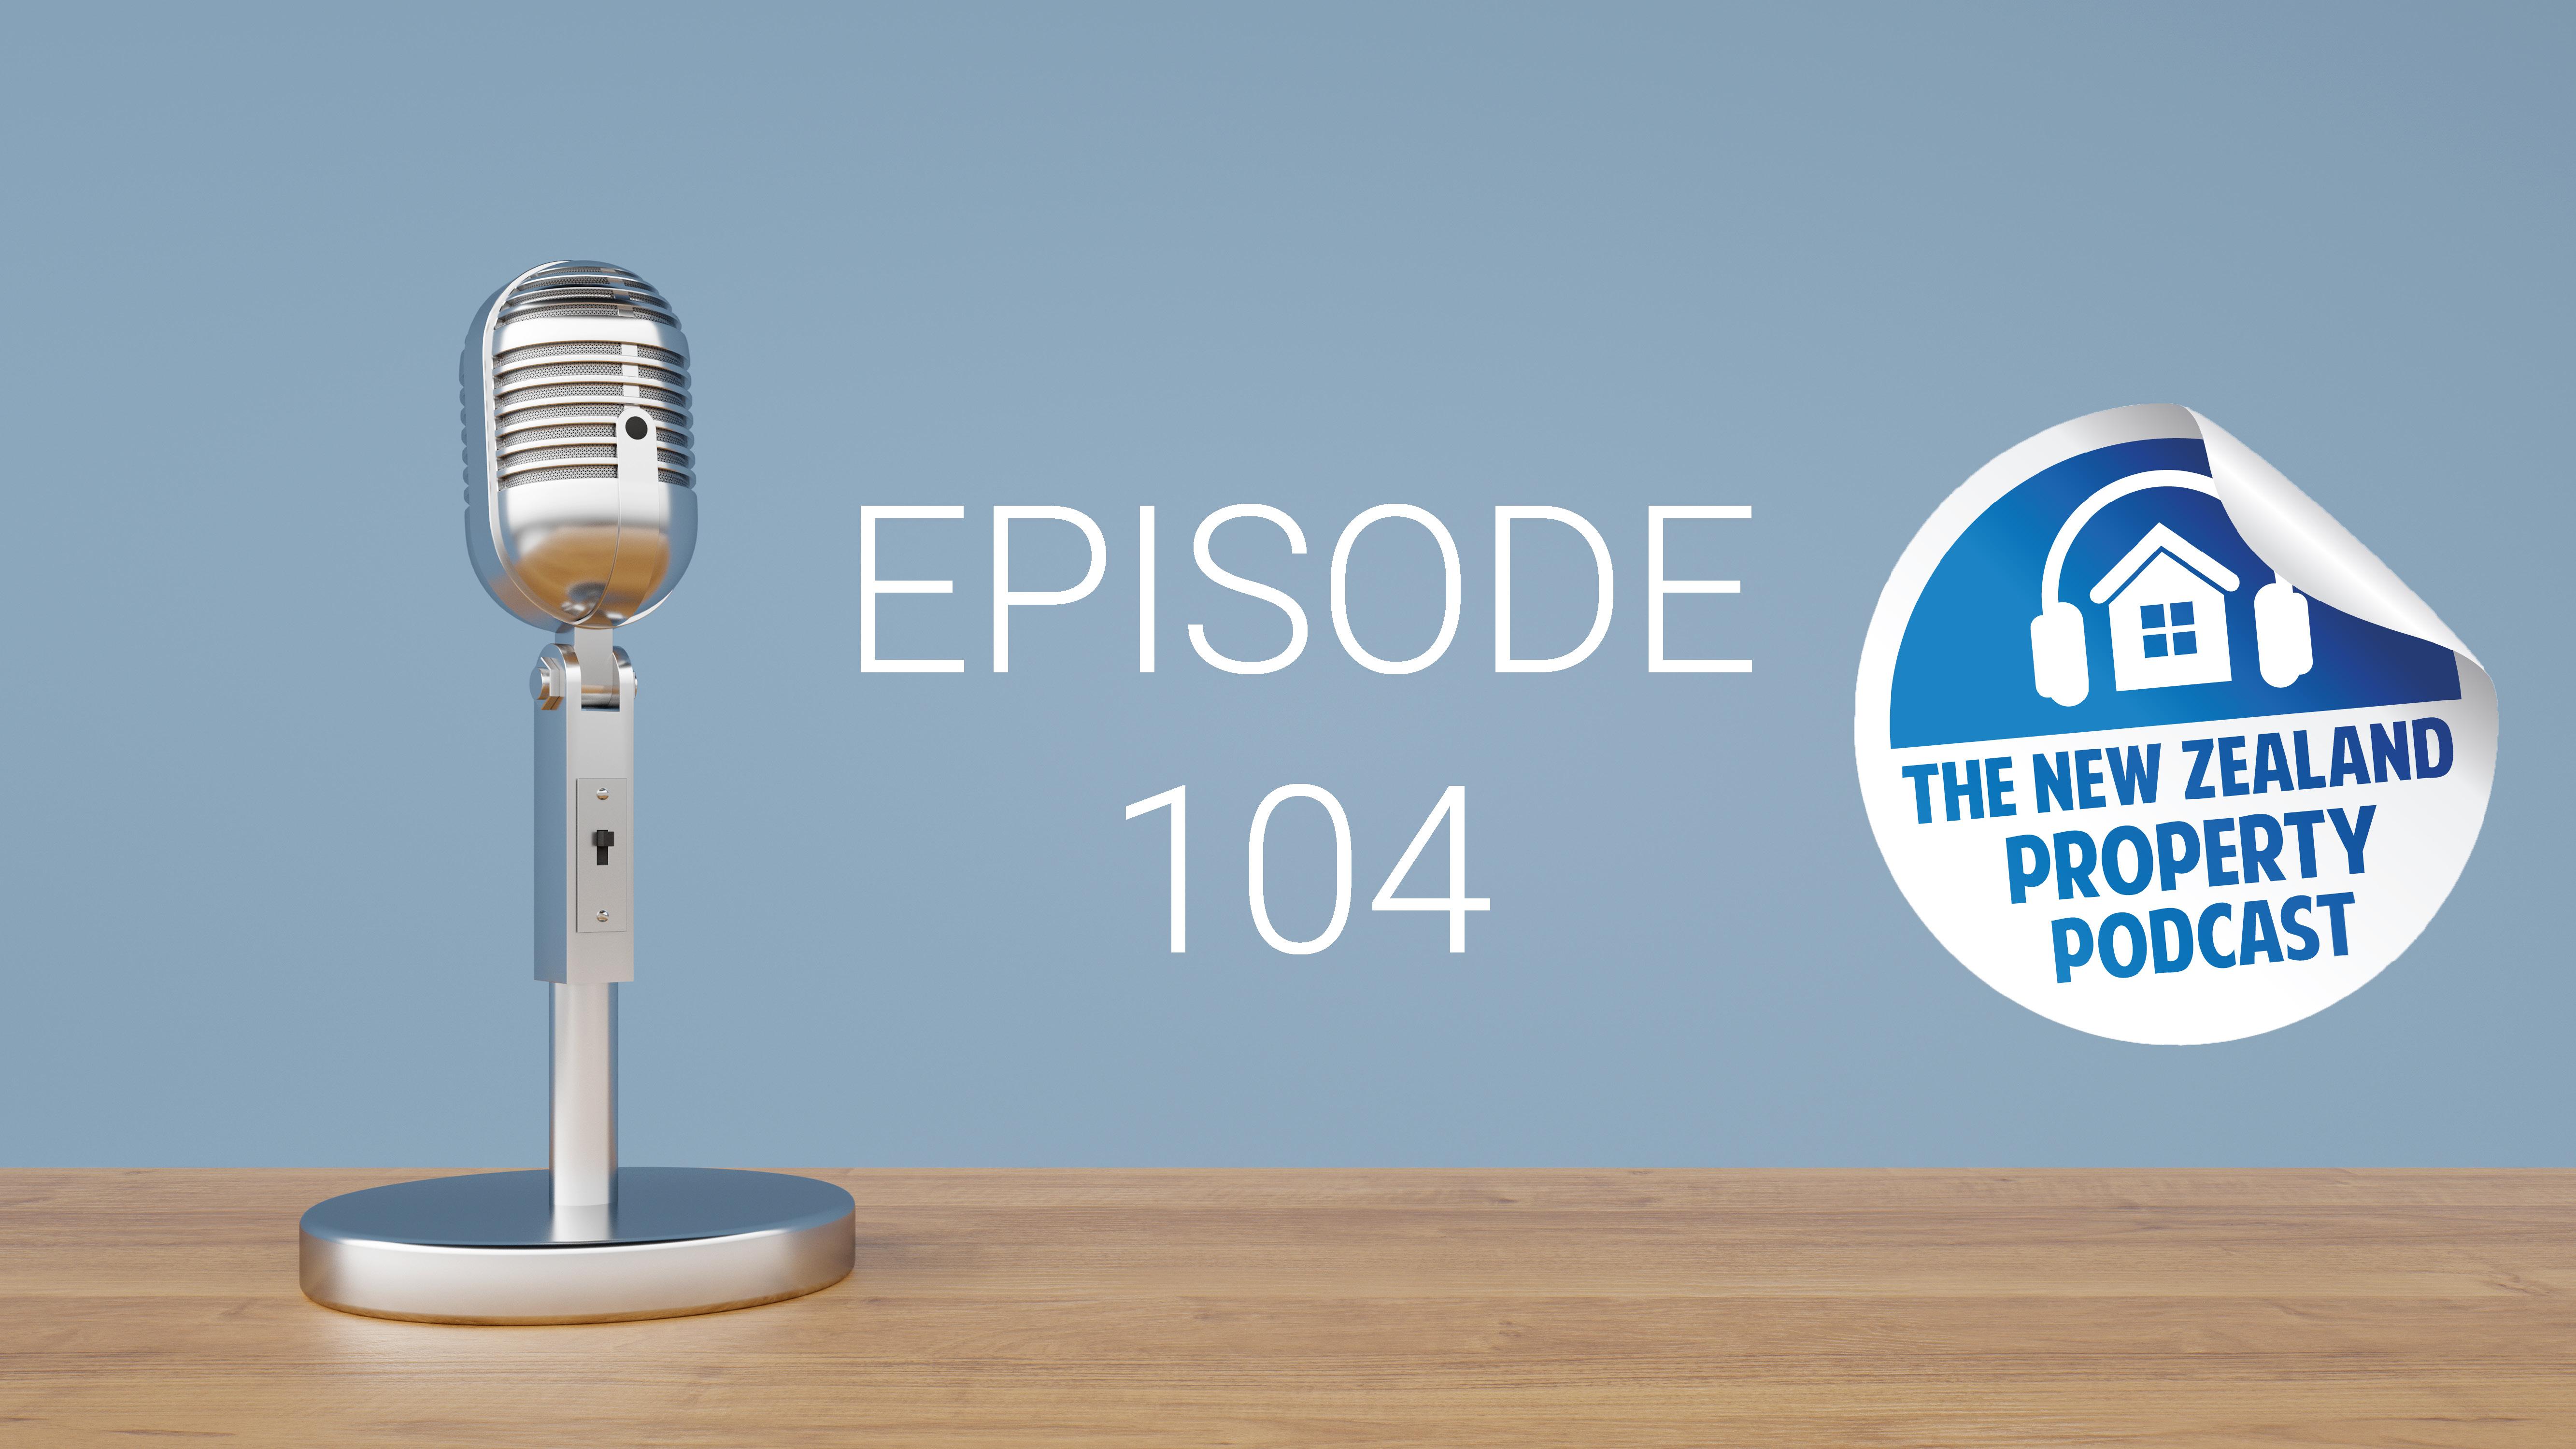 New Zealand Property Podcast Episode104